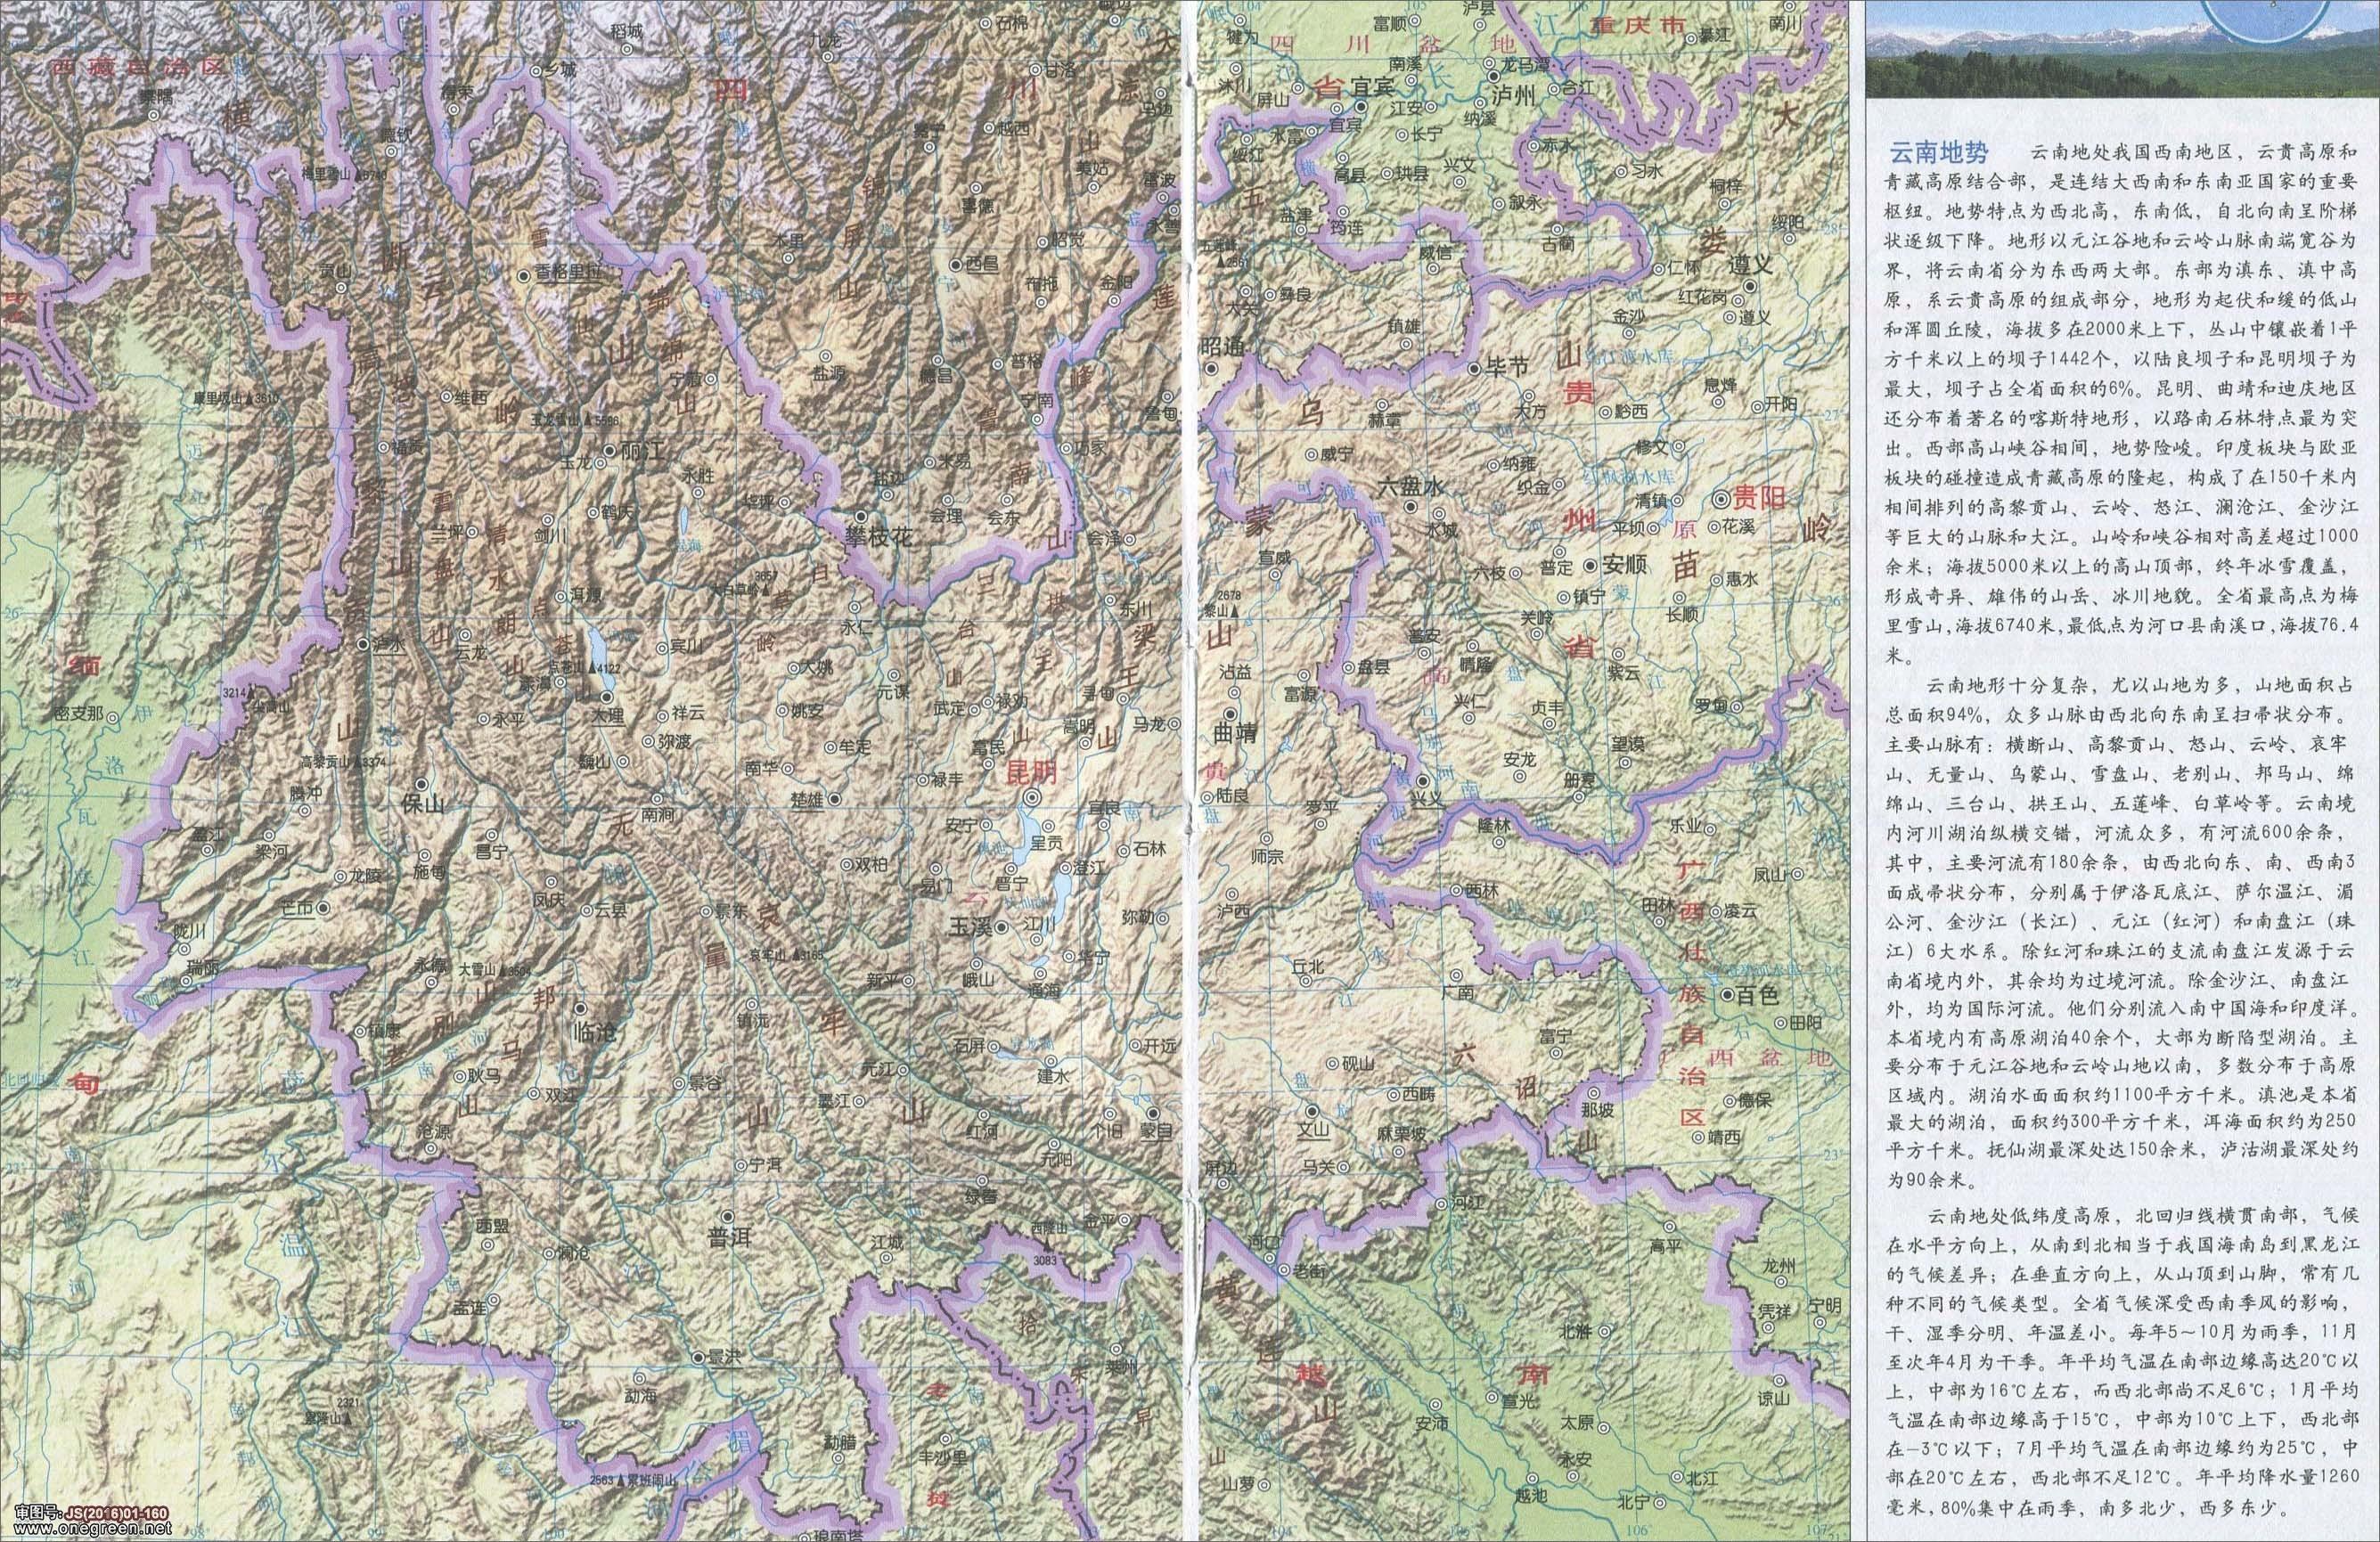 云南地图_云南省地图全图